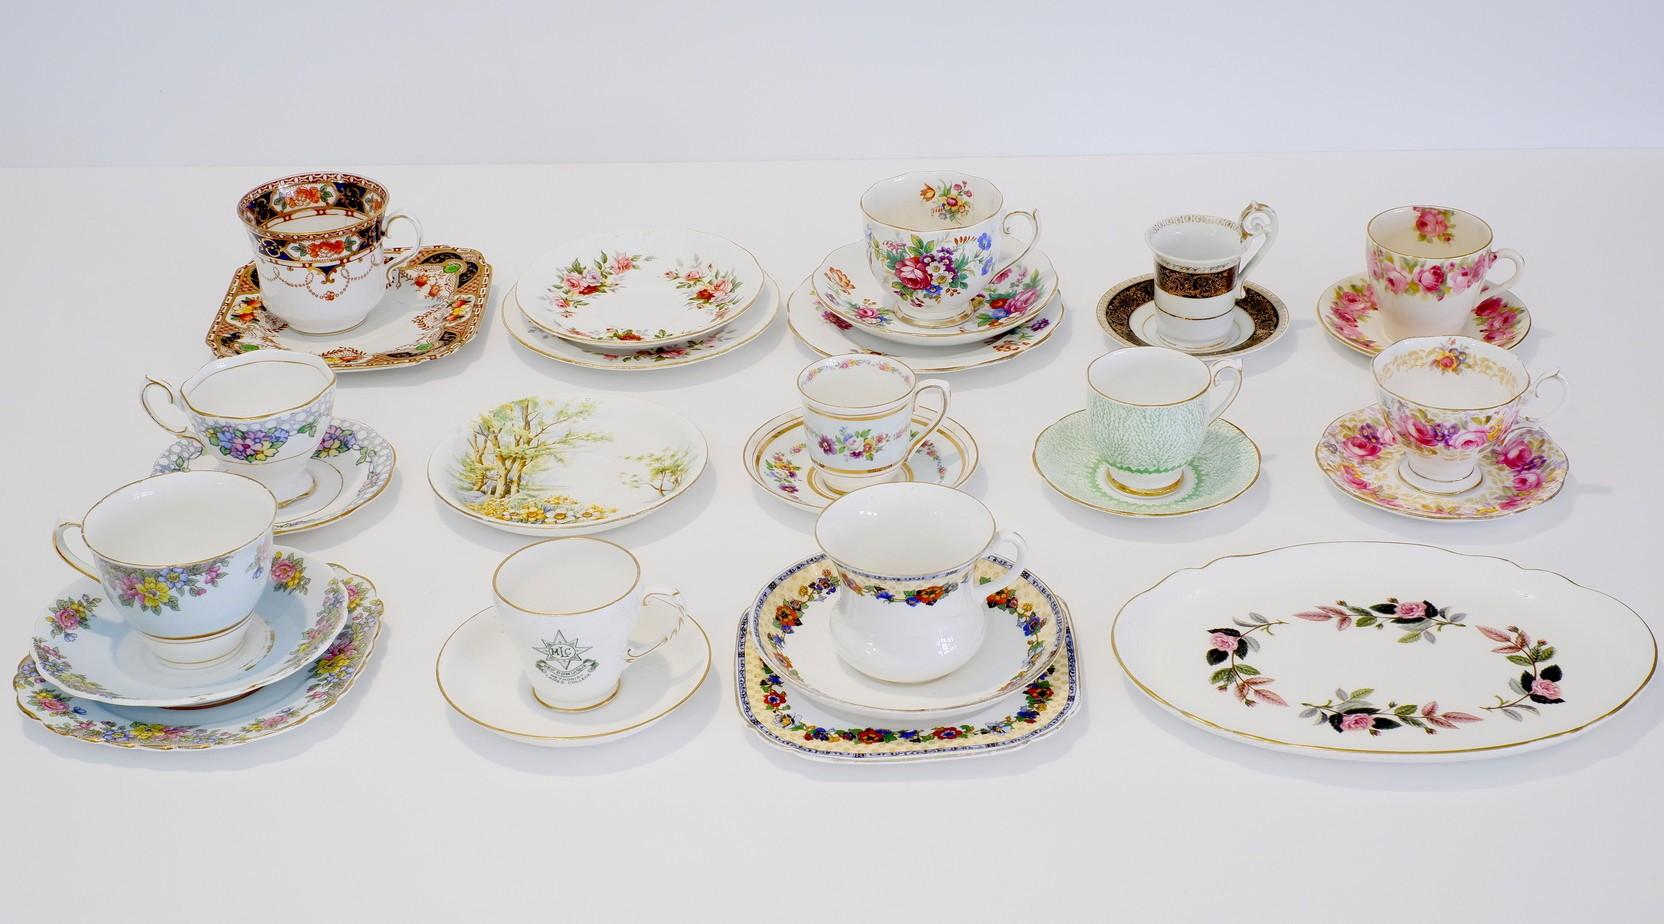 'Various English China Cups, Saucers, Plates etc'